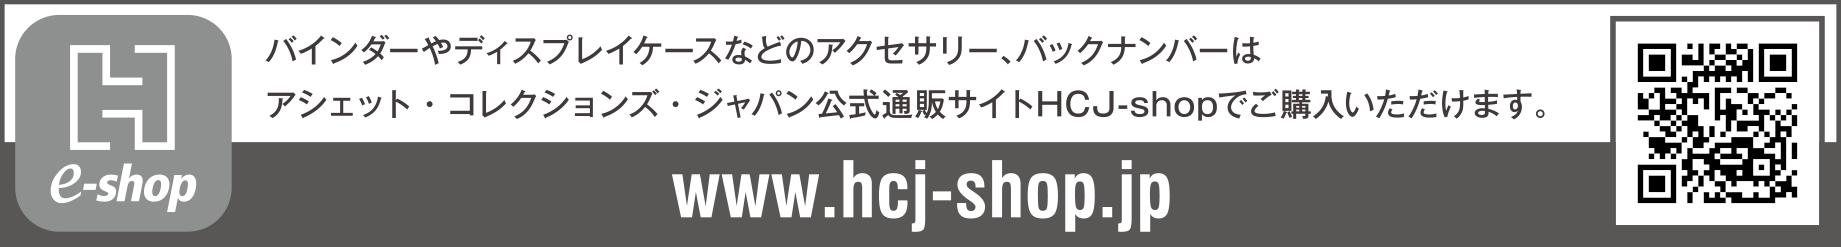 E-Shop Banner